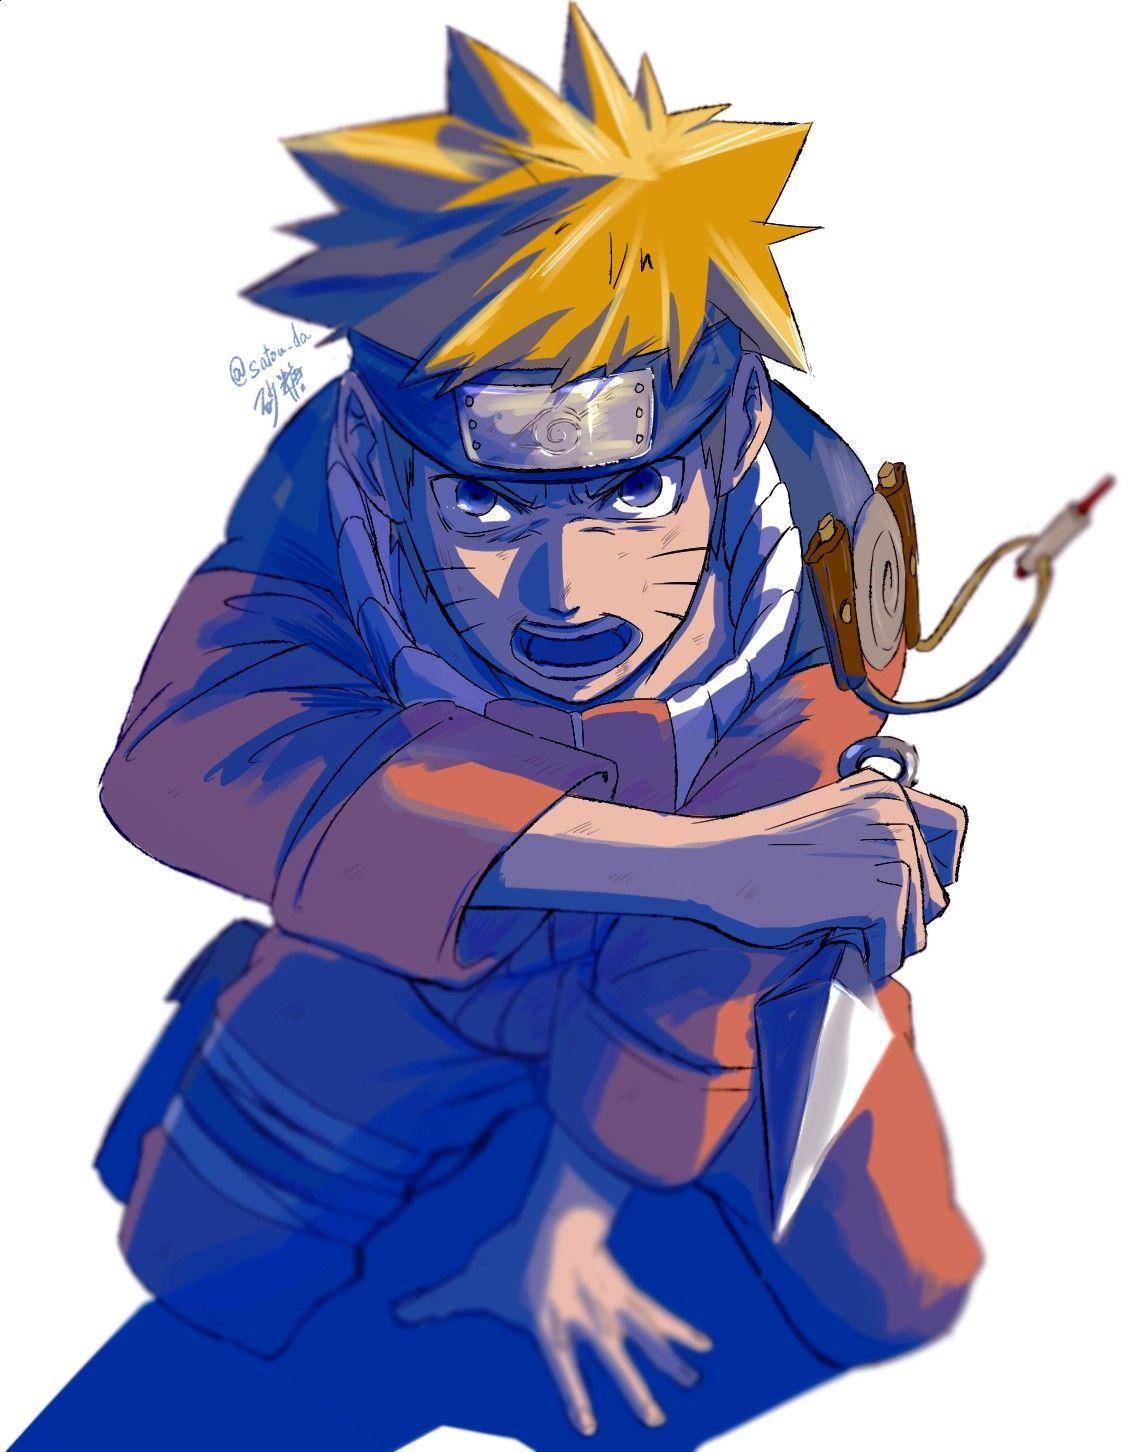 Pin de Kyubi Sarutobi em Naruto Shippuden,Boruto Naruto